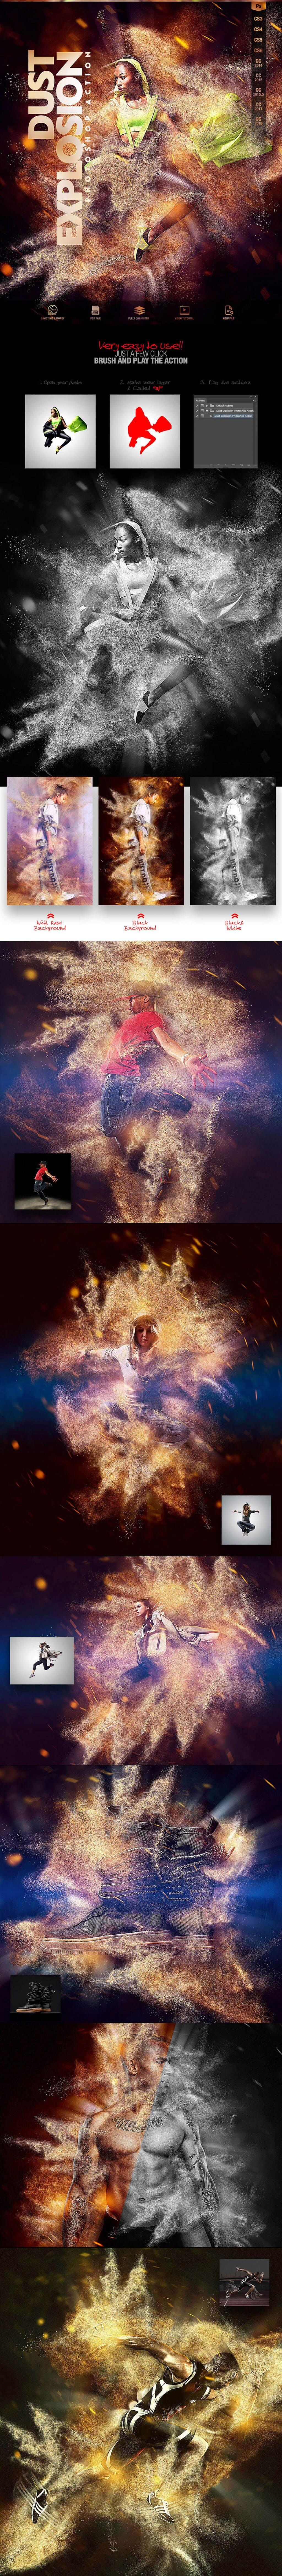 Dust Explosion Photoshop Action CS3 Design